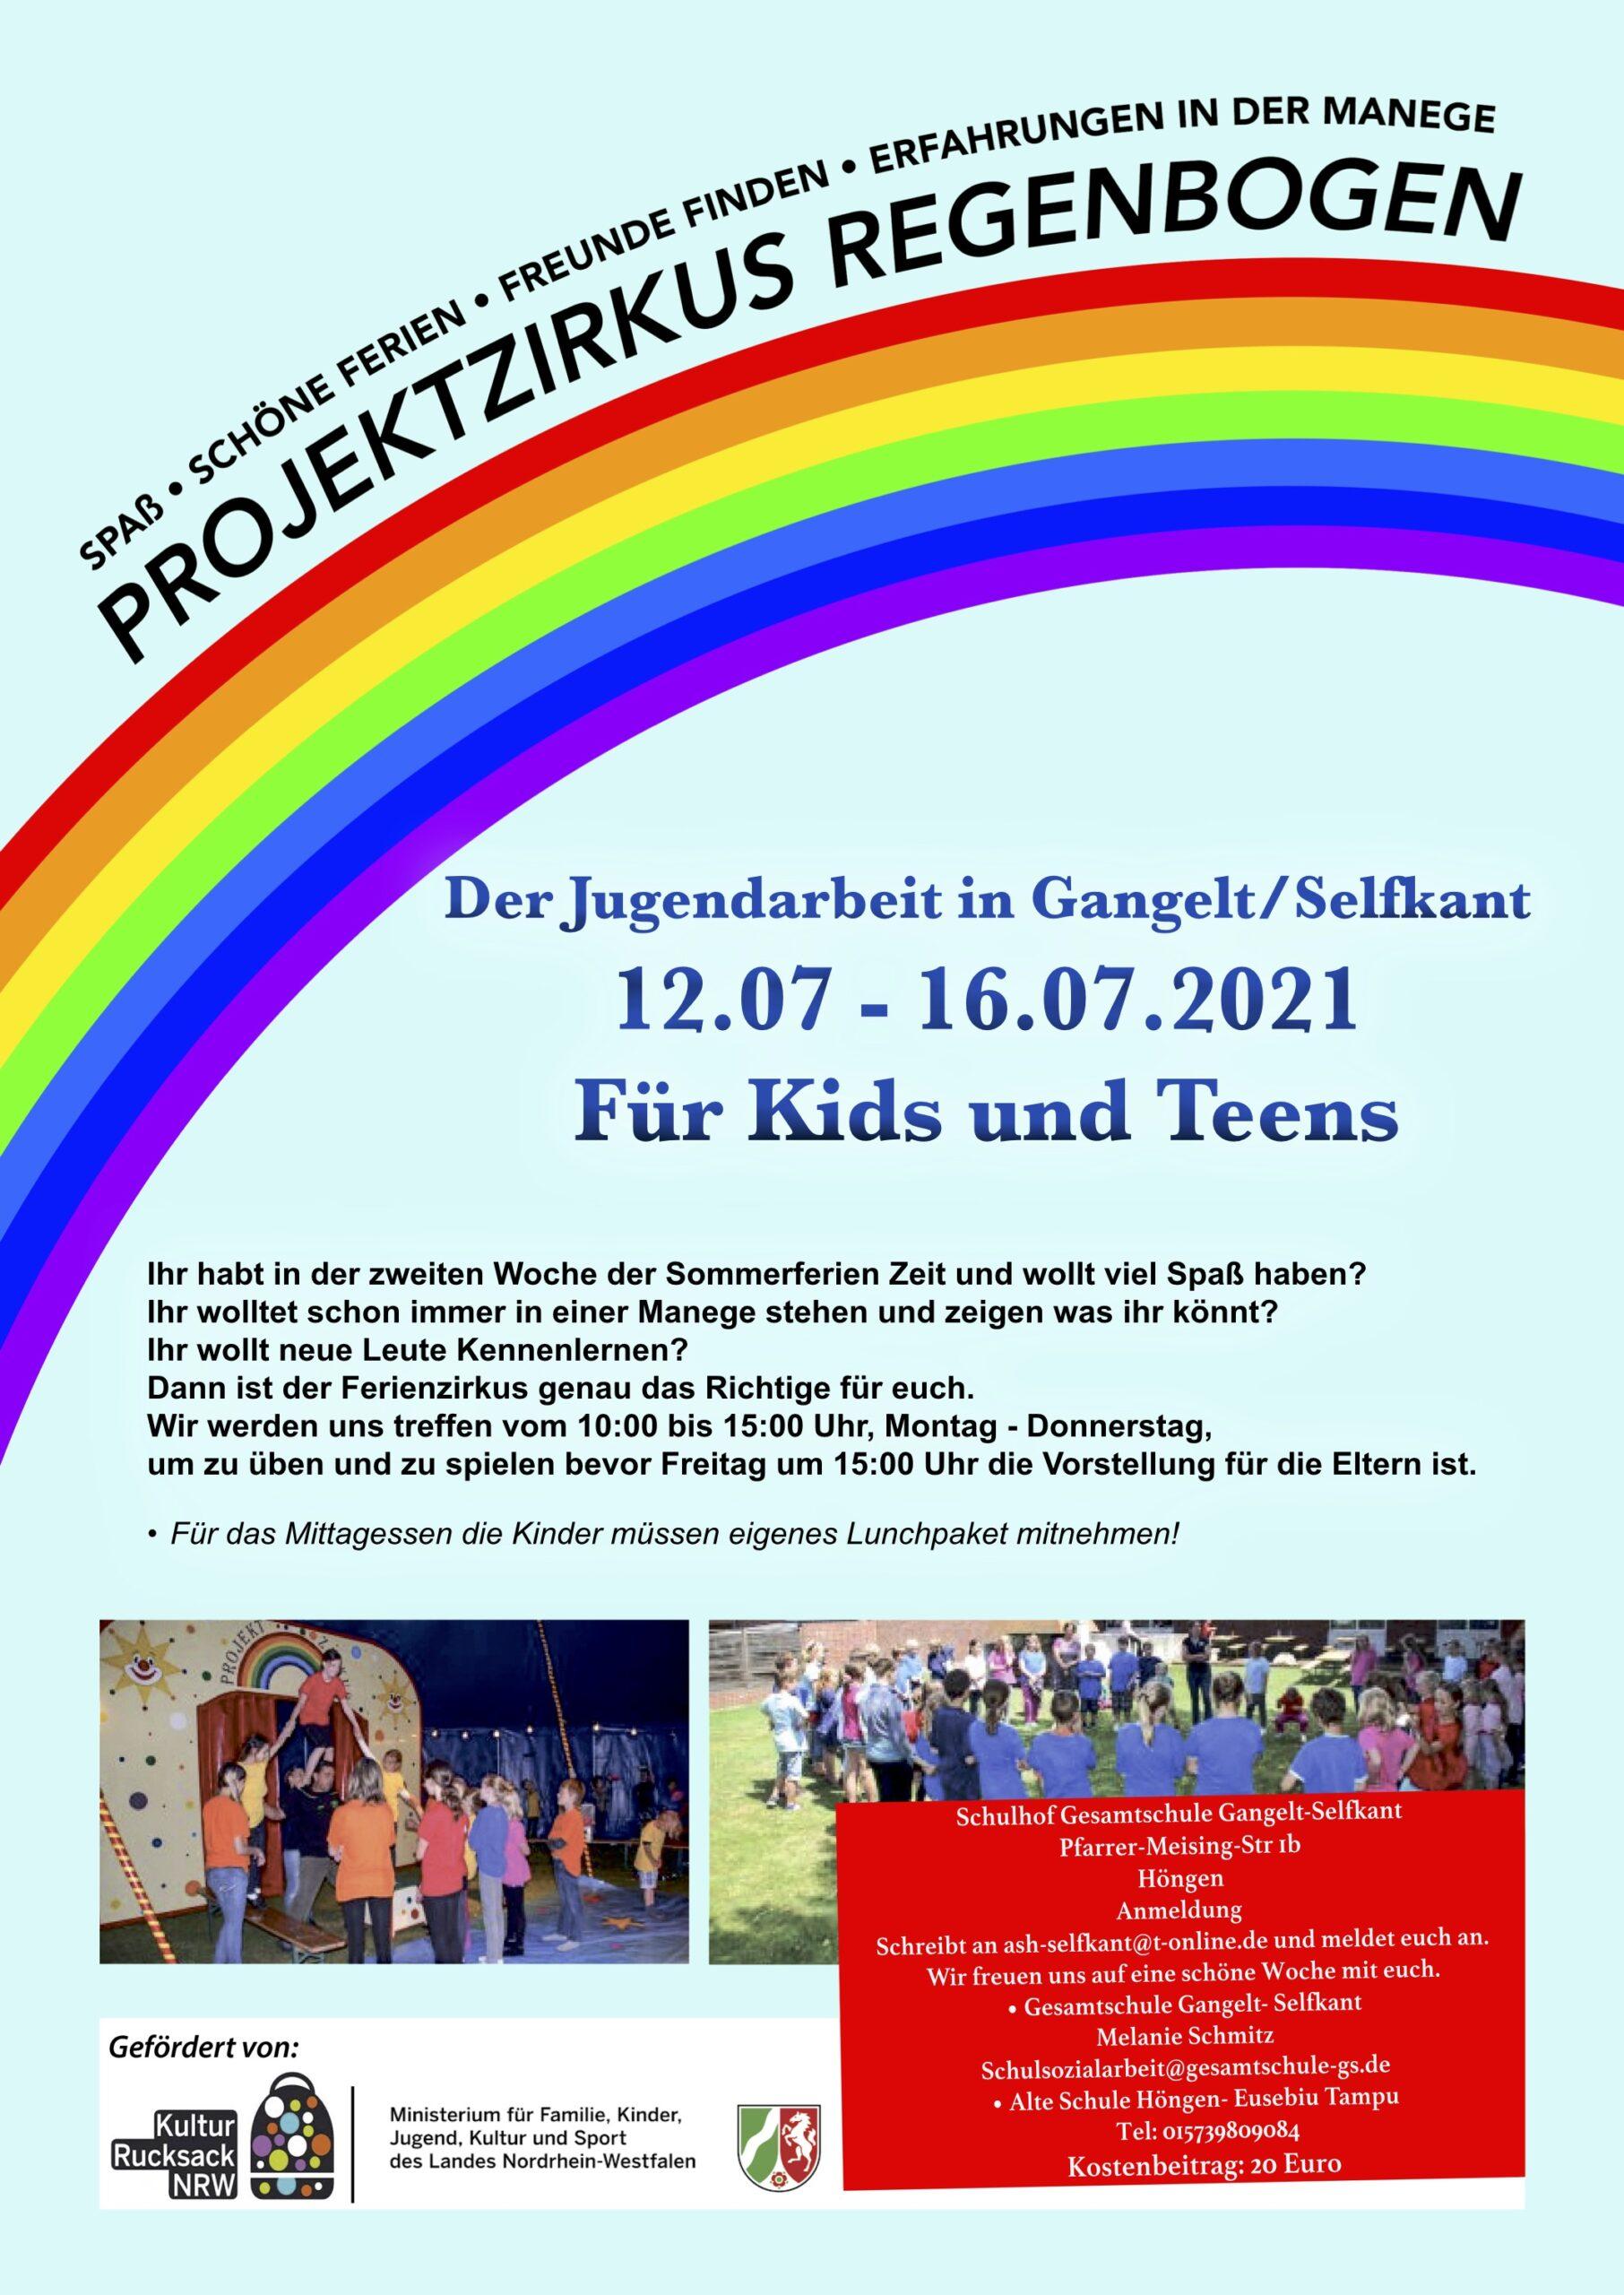 Zirkusprojekt Regenbogen